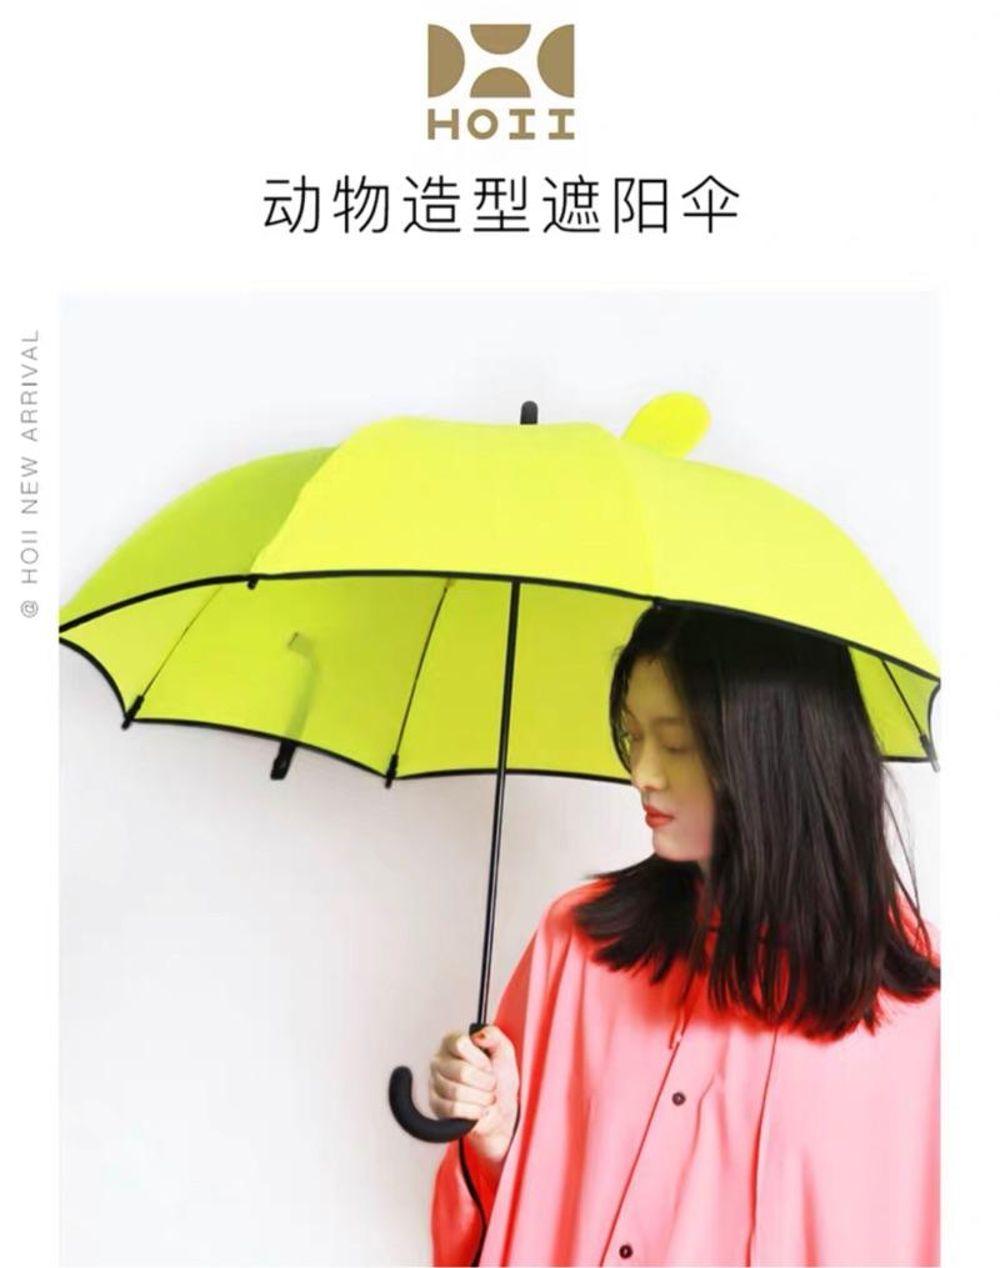 台湾直邮后益hoii范冰冰推荐动物熊猫造型遮阳伞防晒伞太阳伞